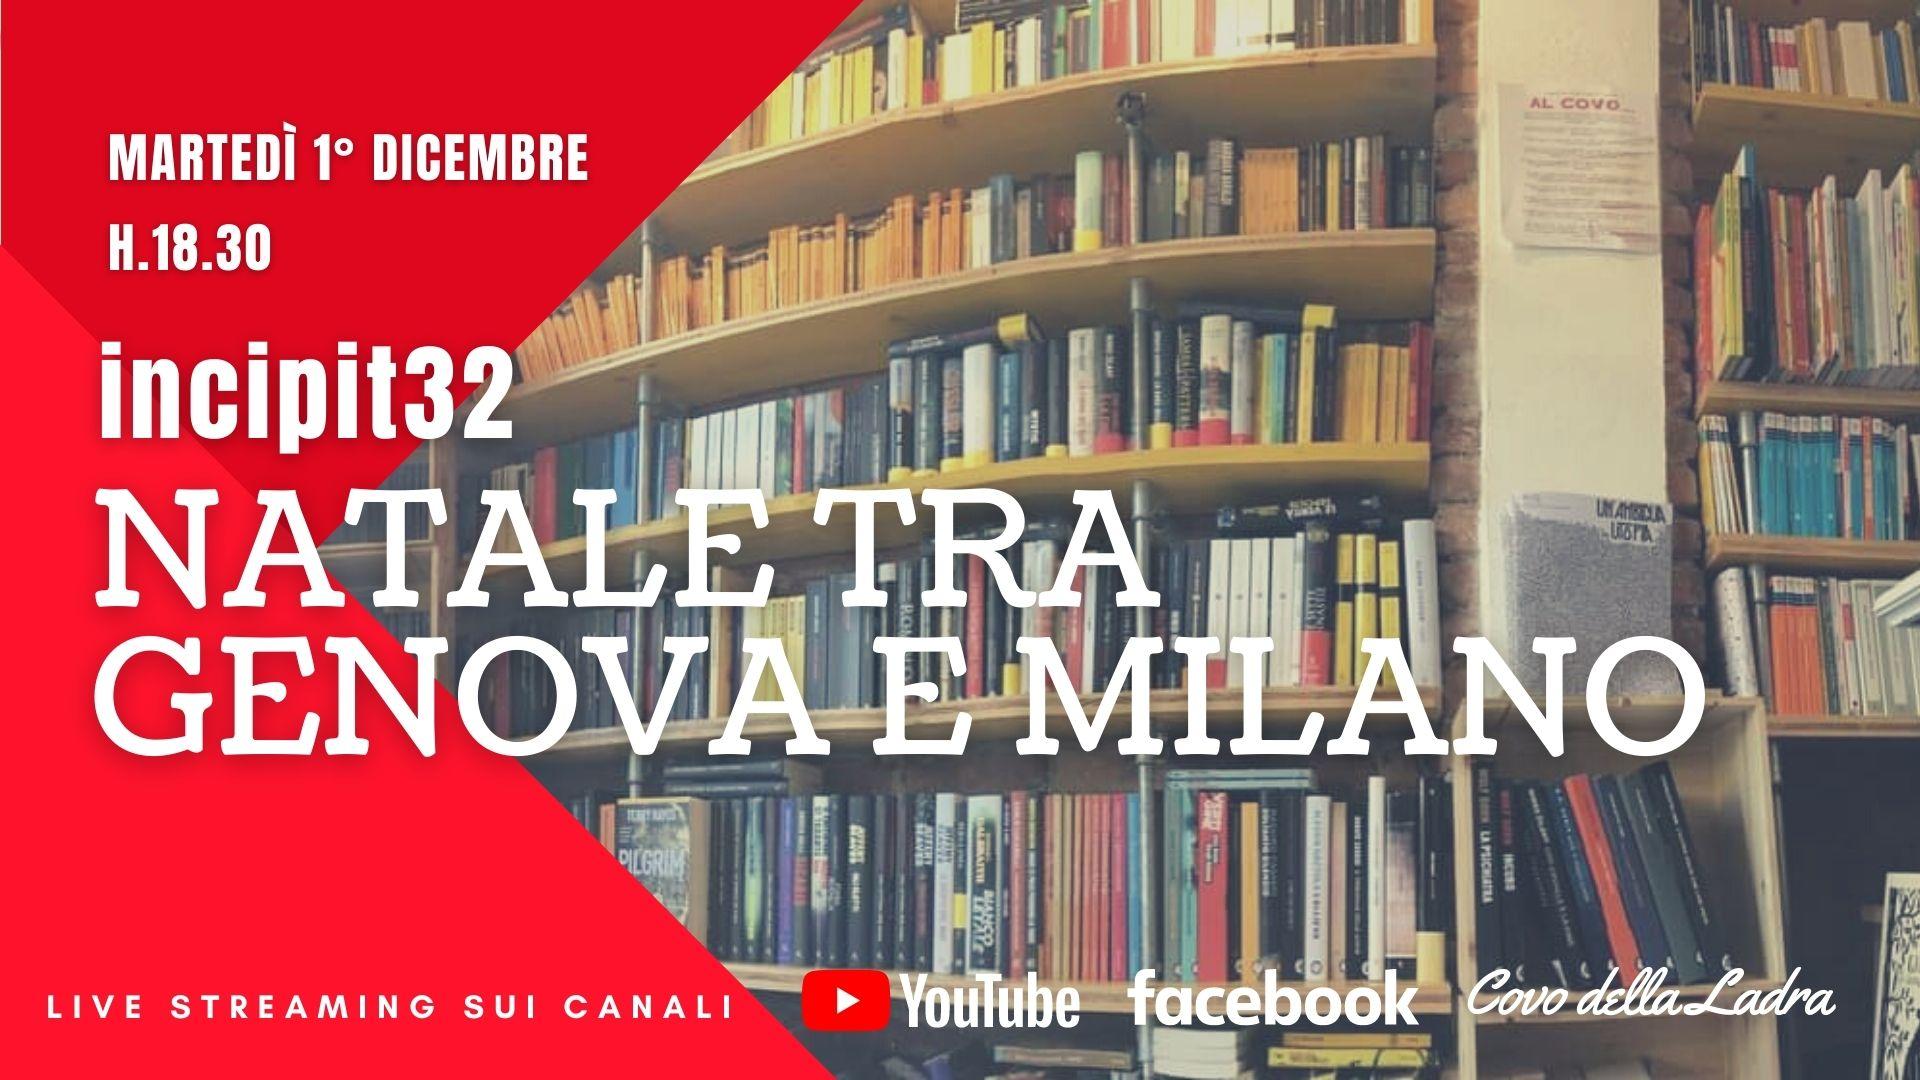 #incipit32: A Natale tra Genova e Milano